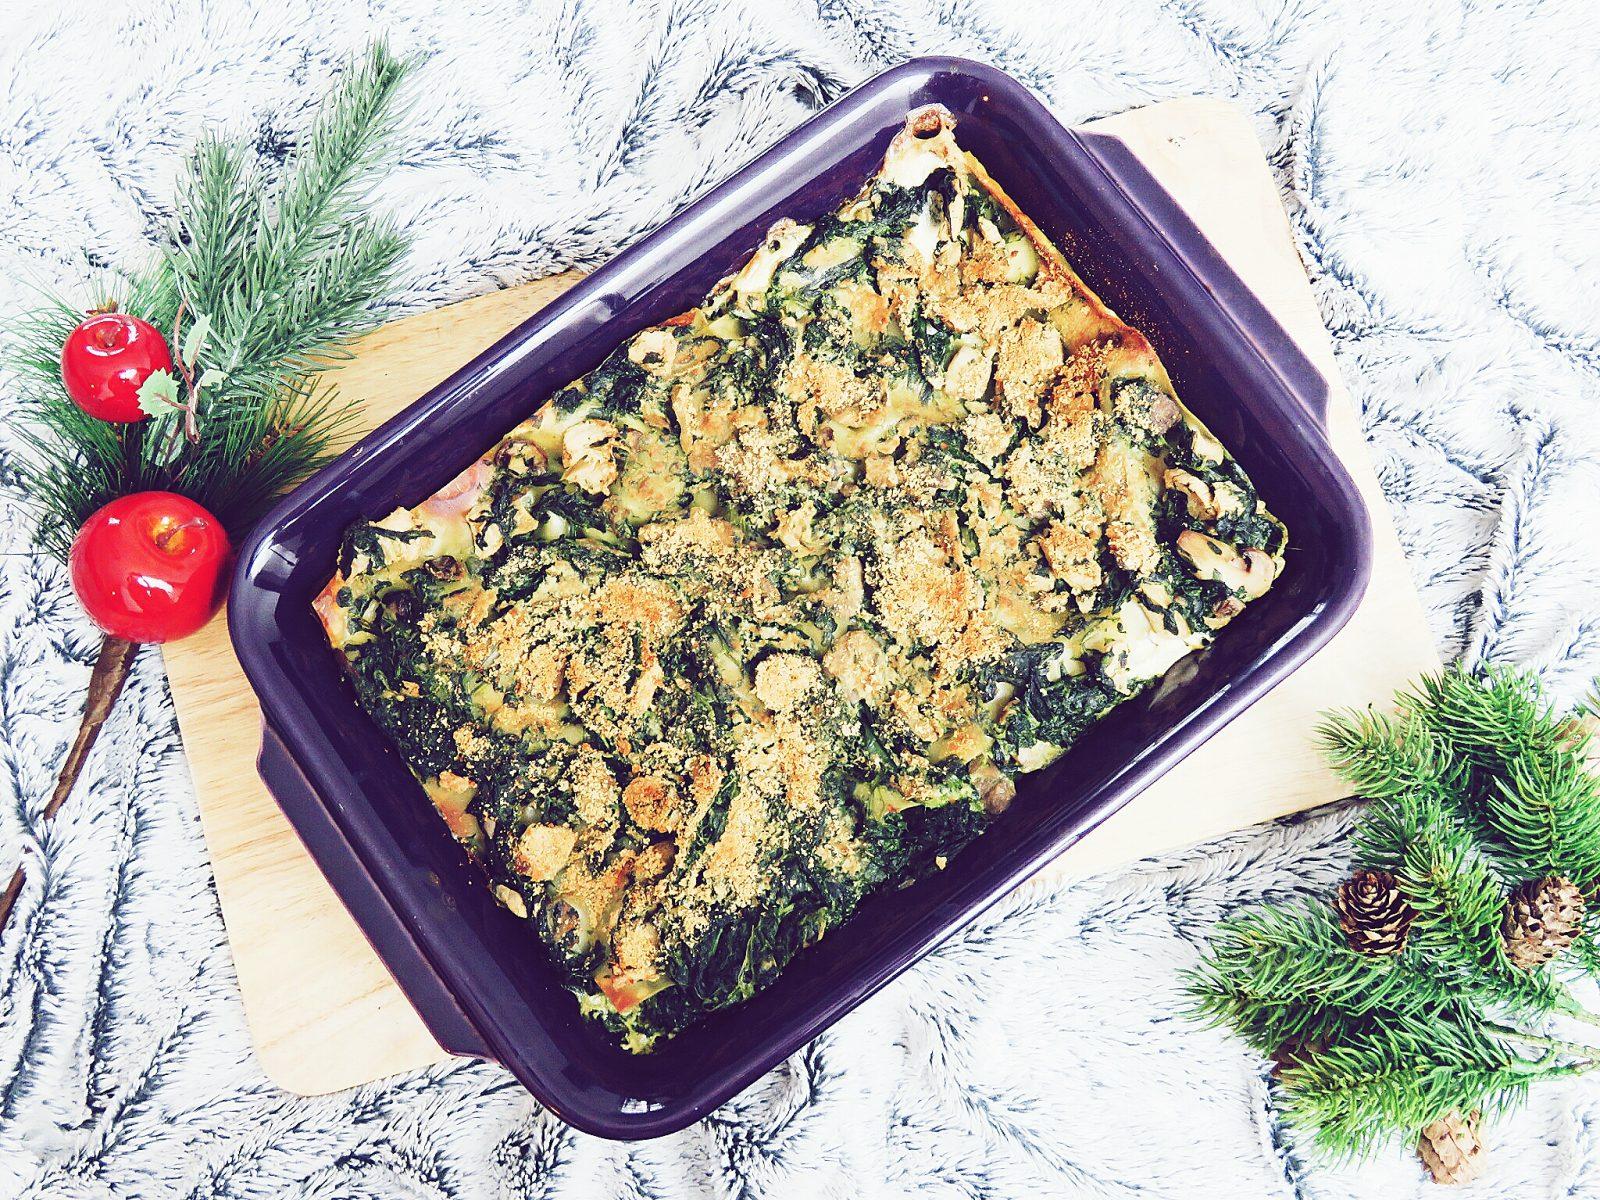 Repas de fêtes : le plat principal, lasagnes végétaliennes